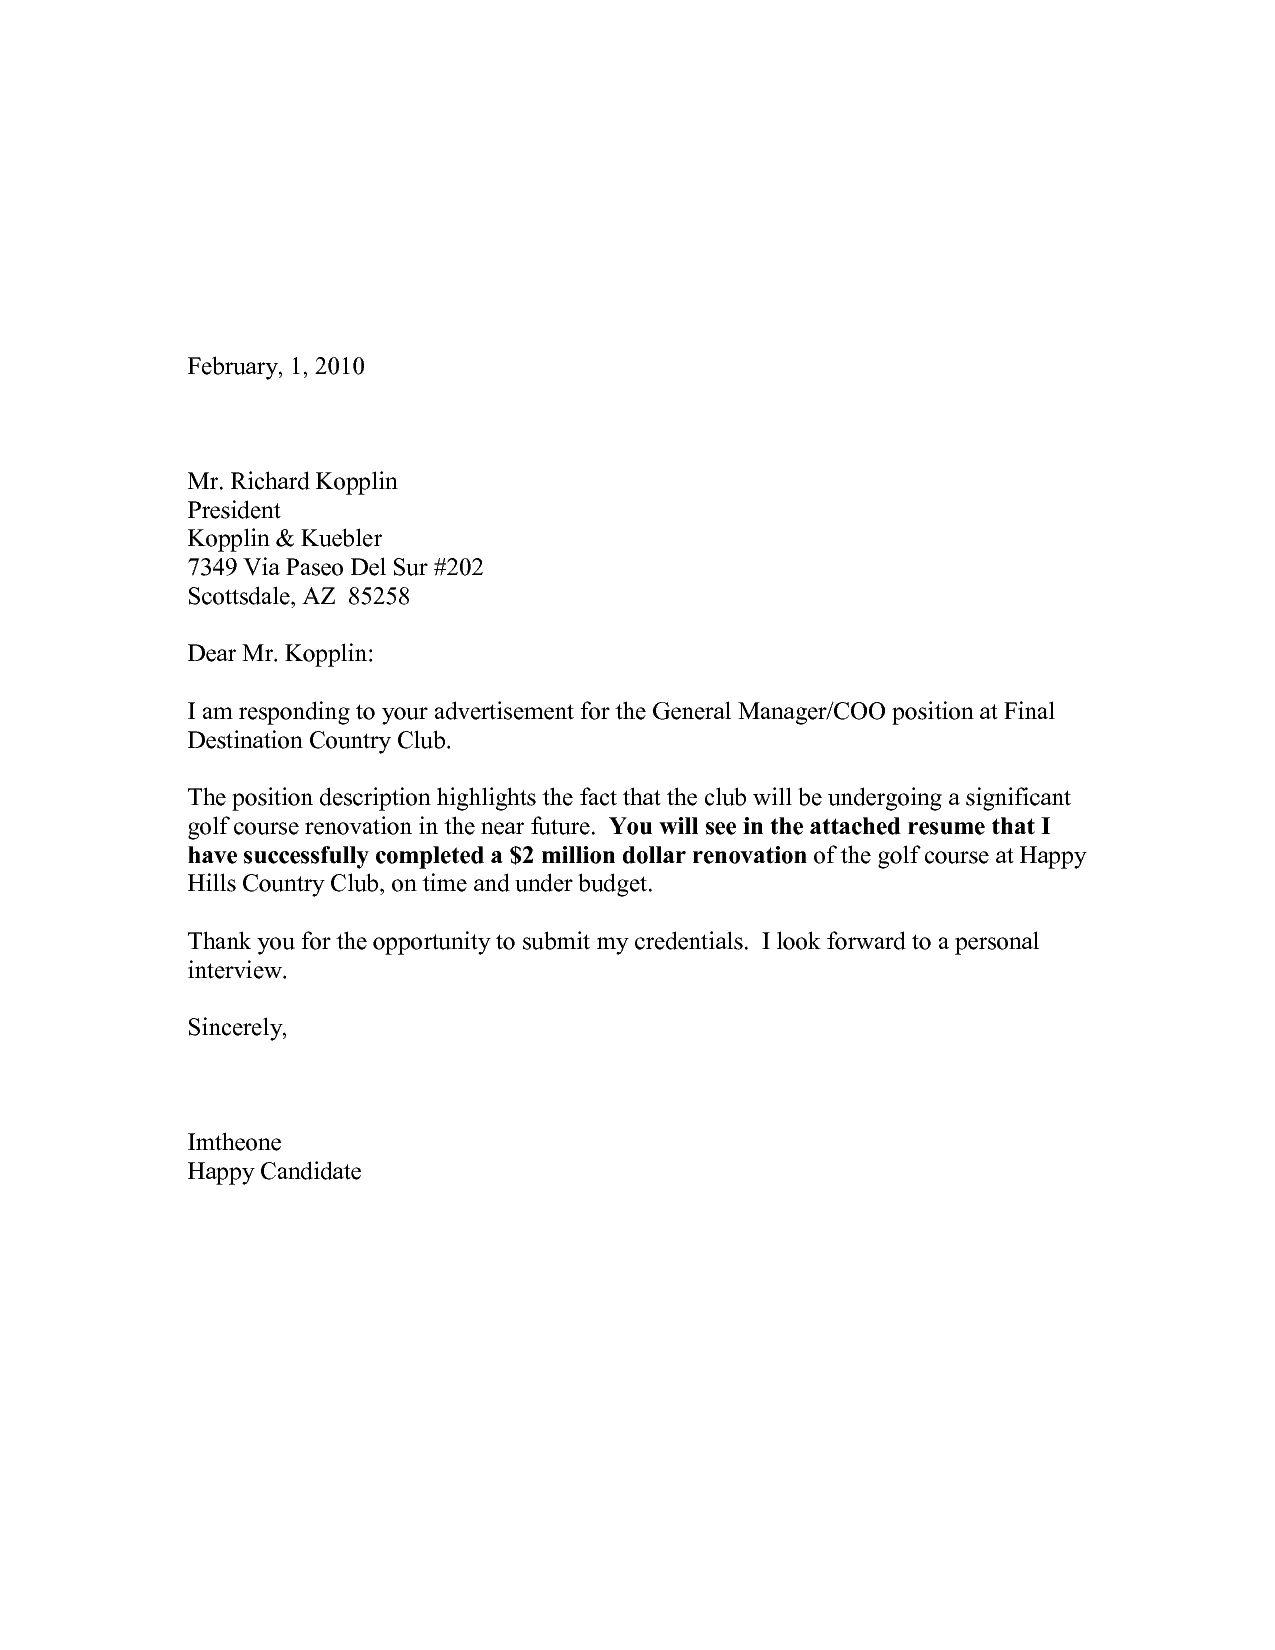 30 Resume Cover Letter Sample Cover Letter For Resume Job Cover Letter Sample Resume Cover Letter